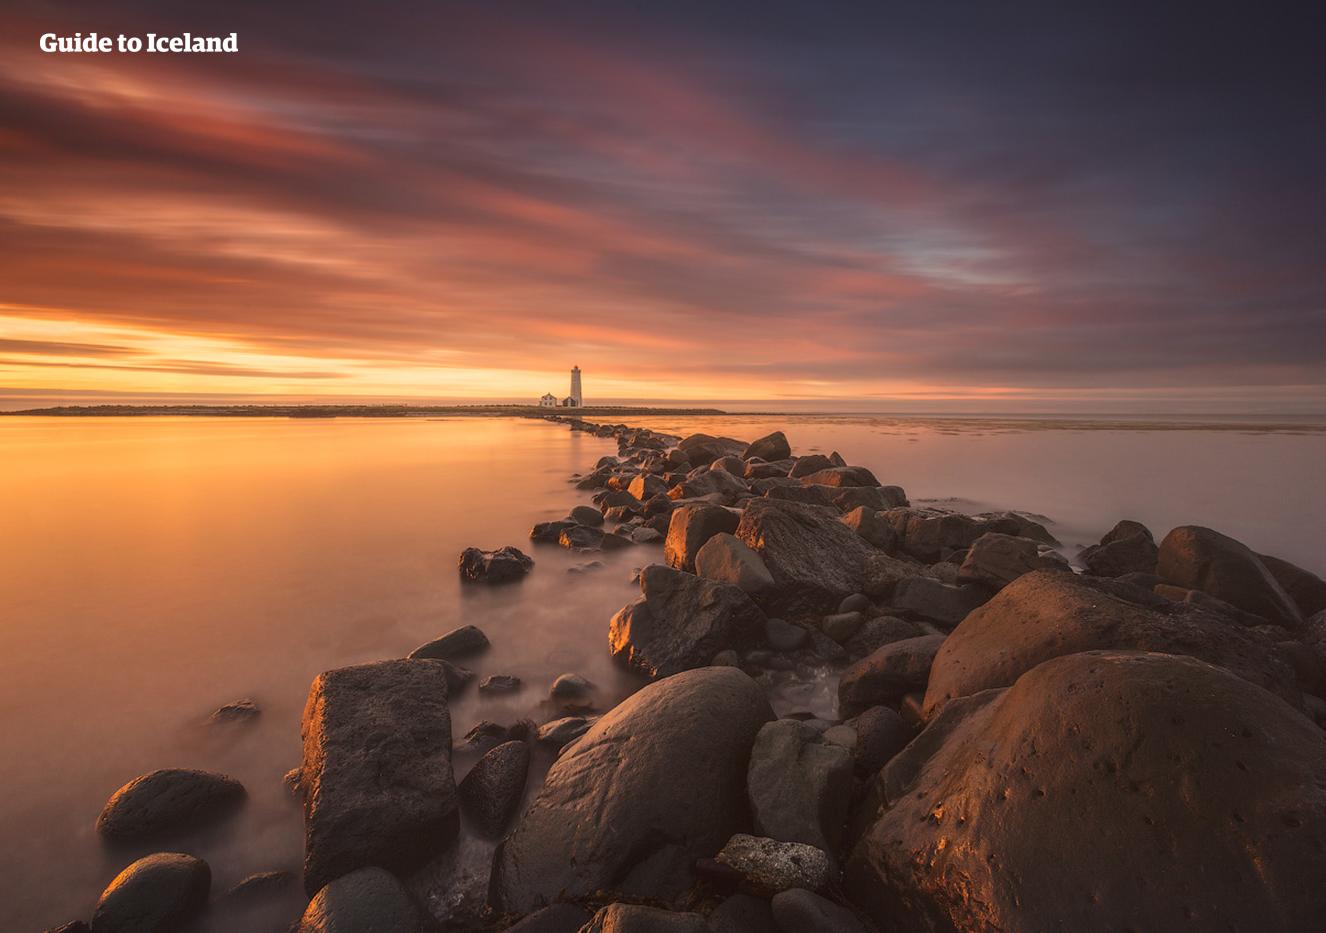 冰岛首都雷克雅未克的Grótta灯塔是观看日落的绝佳去处